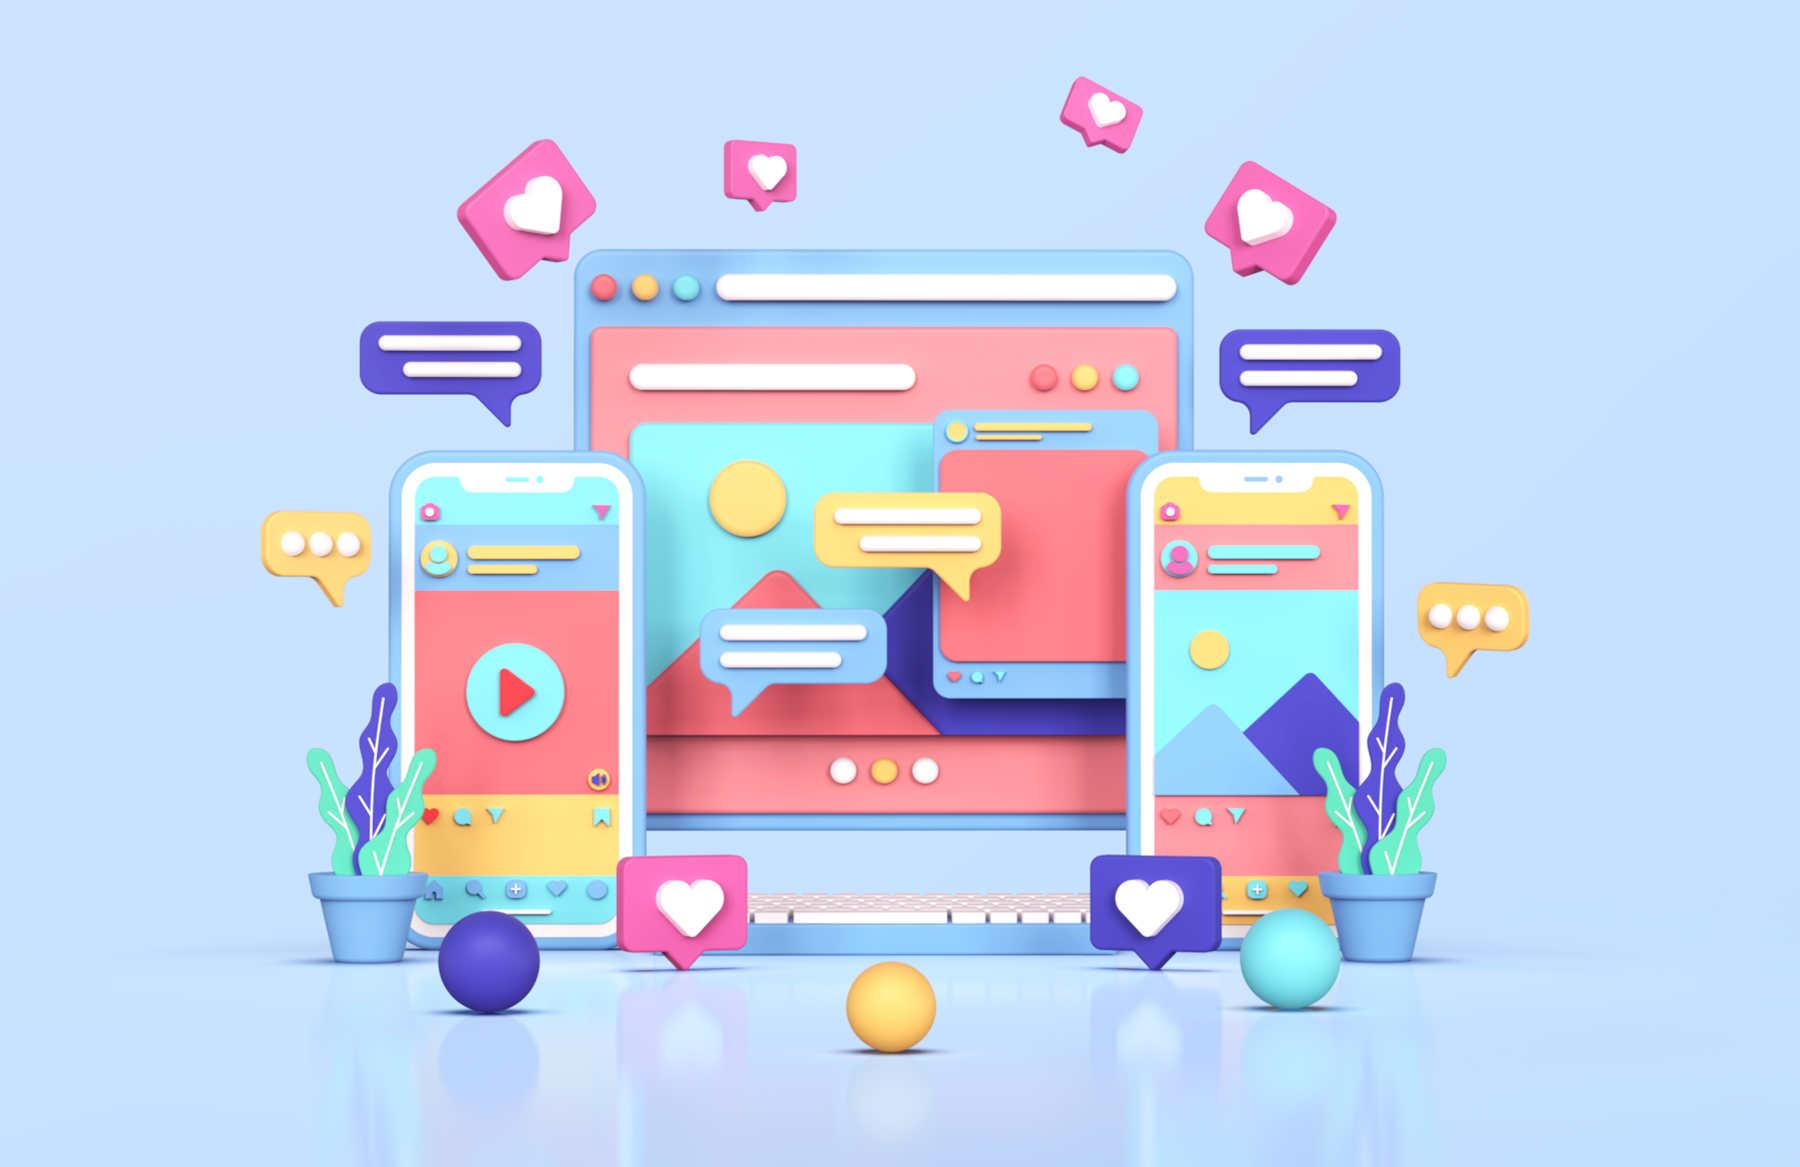 Creazione di Campagne Social, Social Media Marketing, Facebook Ads, Instagram Ads, Pinterest Ads